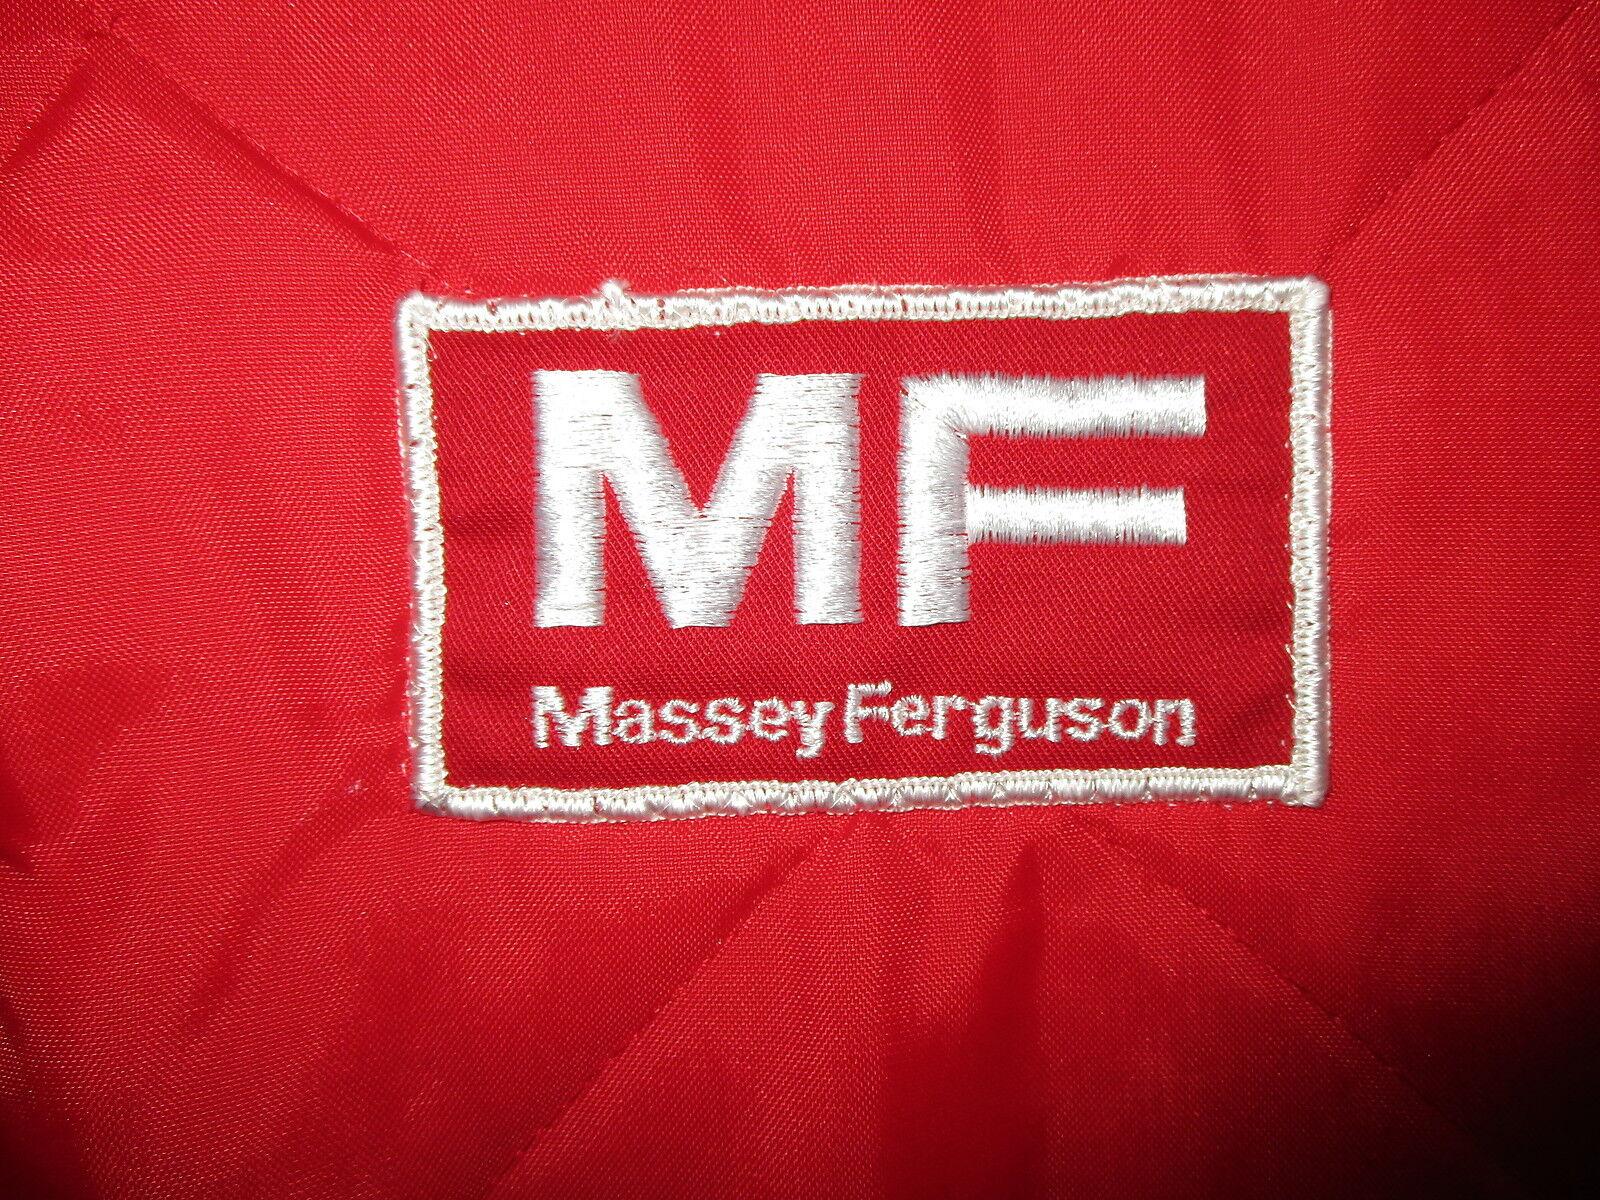 vtg 80s MASSEY FERGUSON NYLON VEST Tractor Farming Equipment Logo Patch Red MED